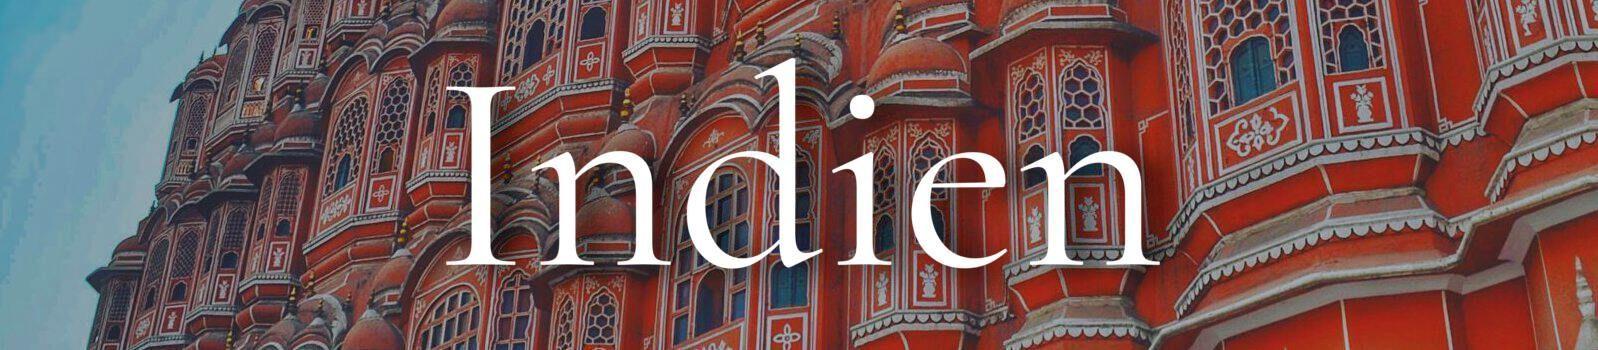 Indien Banner